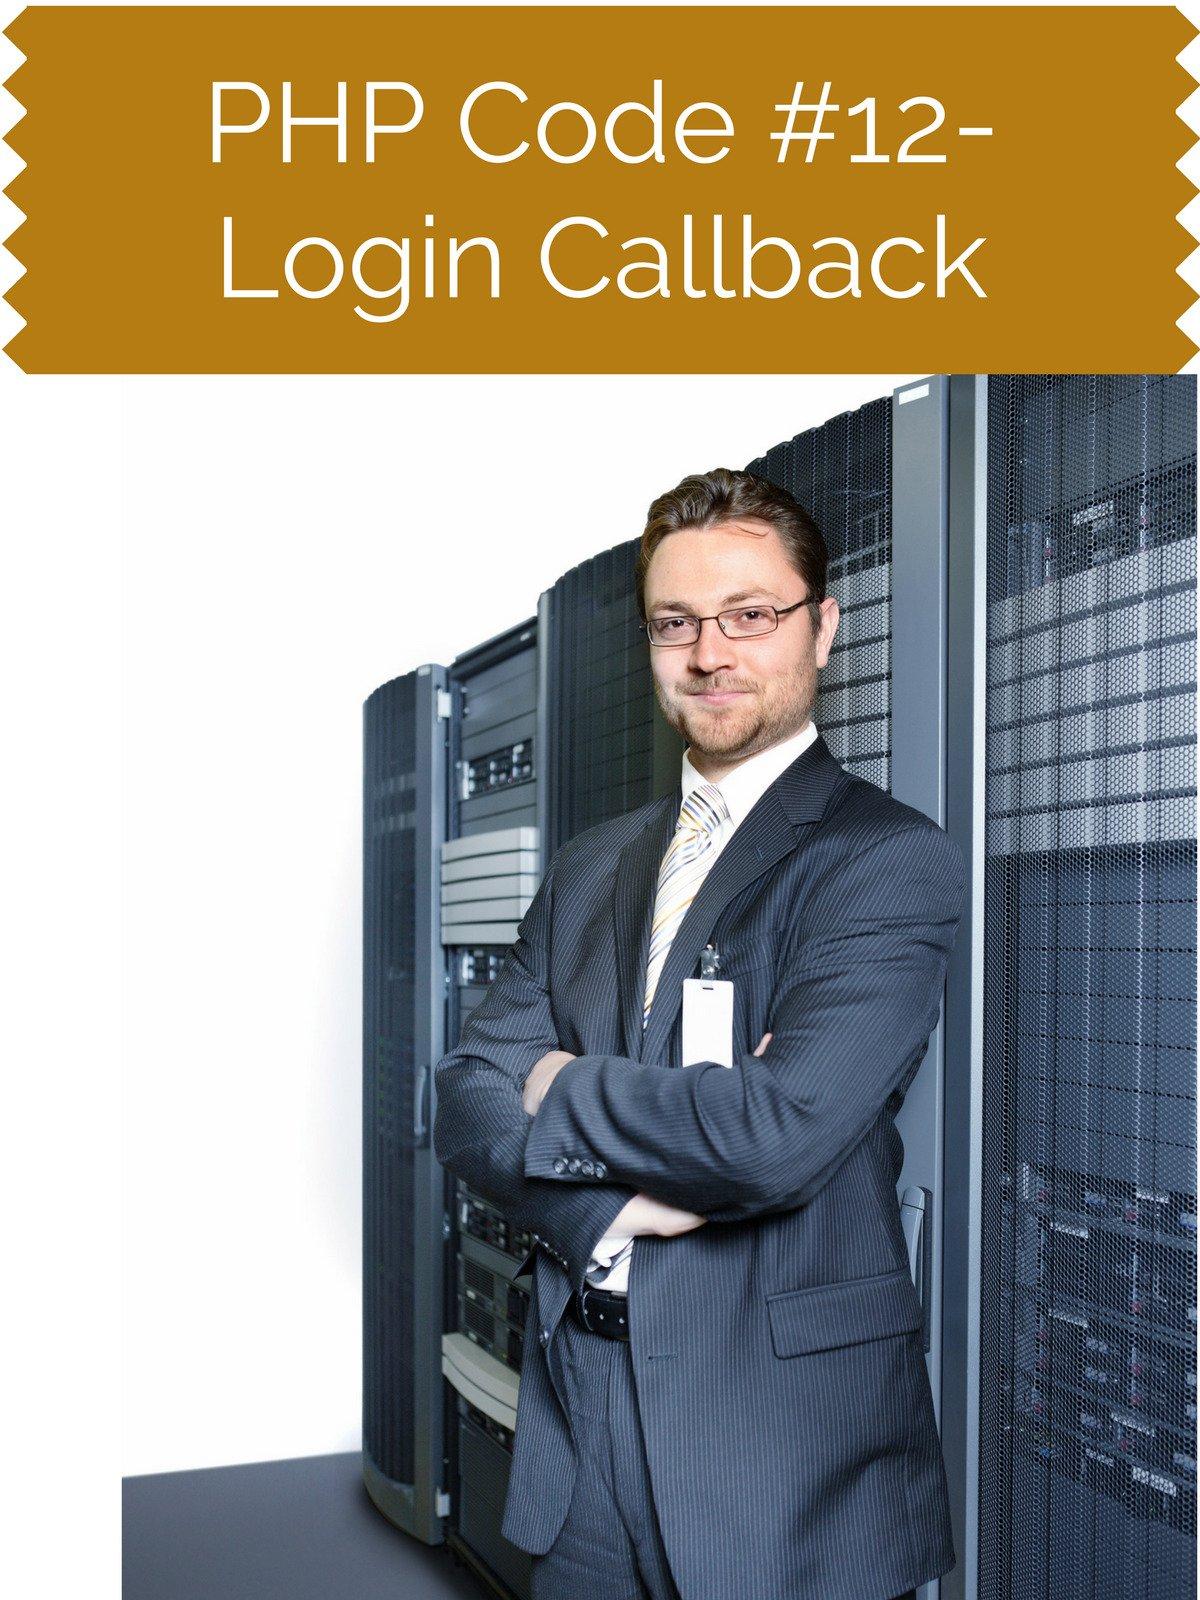 PHP Code #12 Login Callback